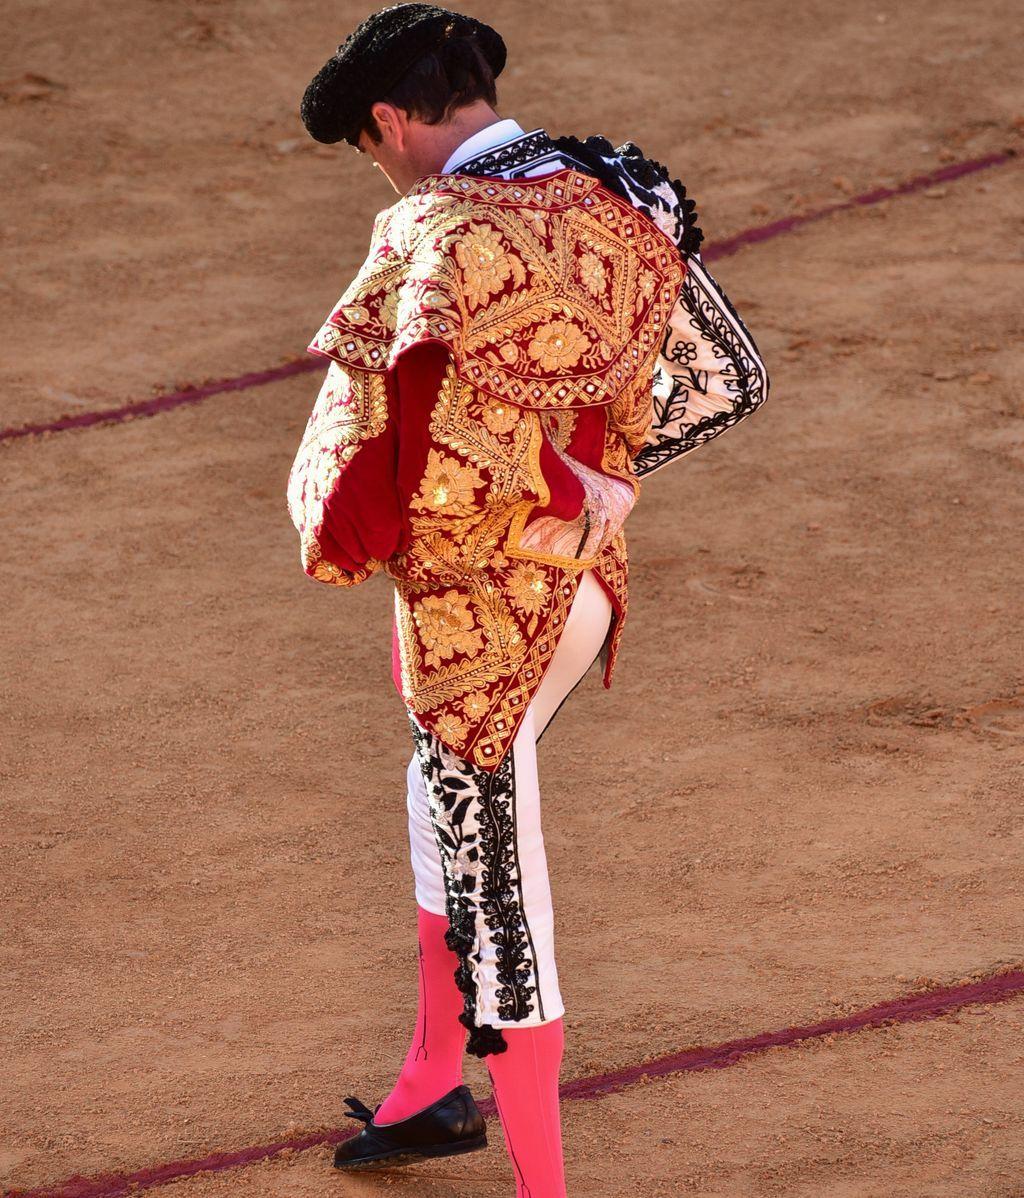 Enrique Ponce vuelve a los ruedos